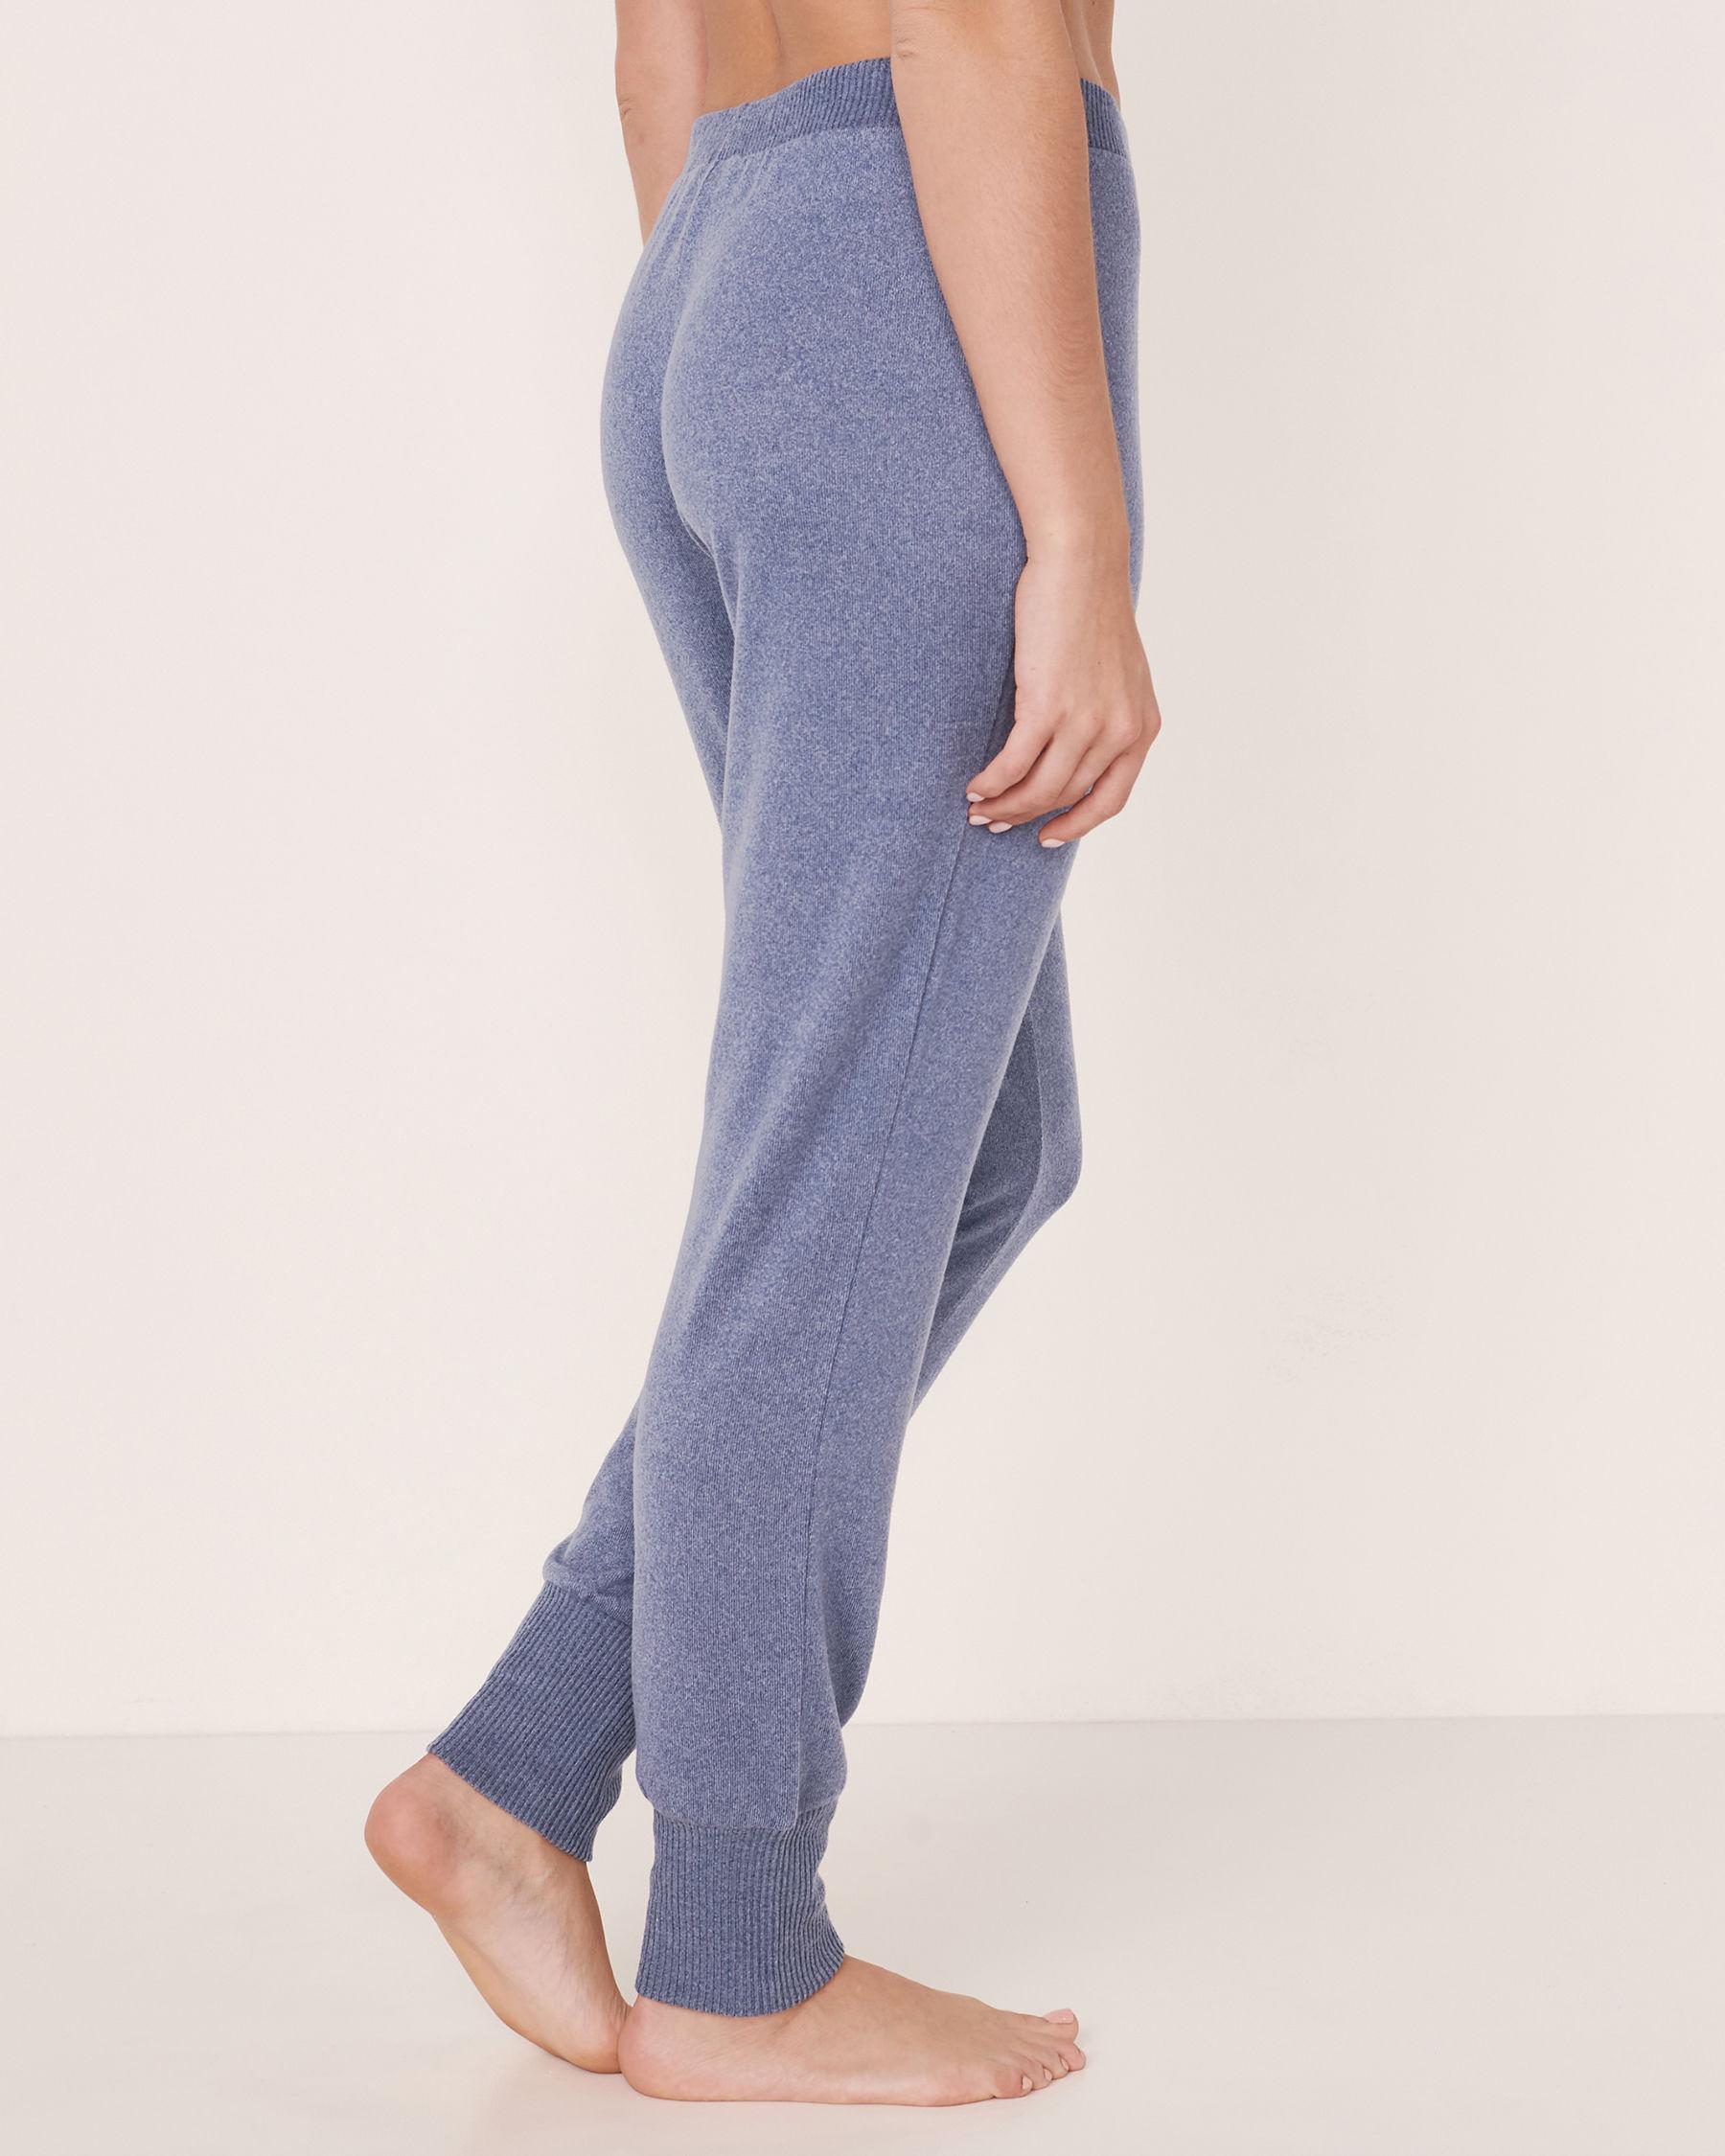 LA VIE EN ROSE Soft Knit Fitted Pant Blue denim mix 50200008 - View2